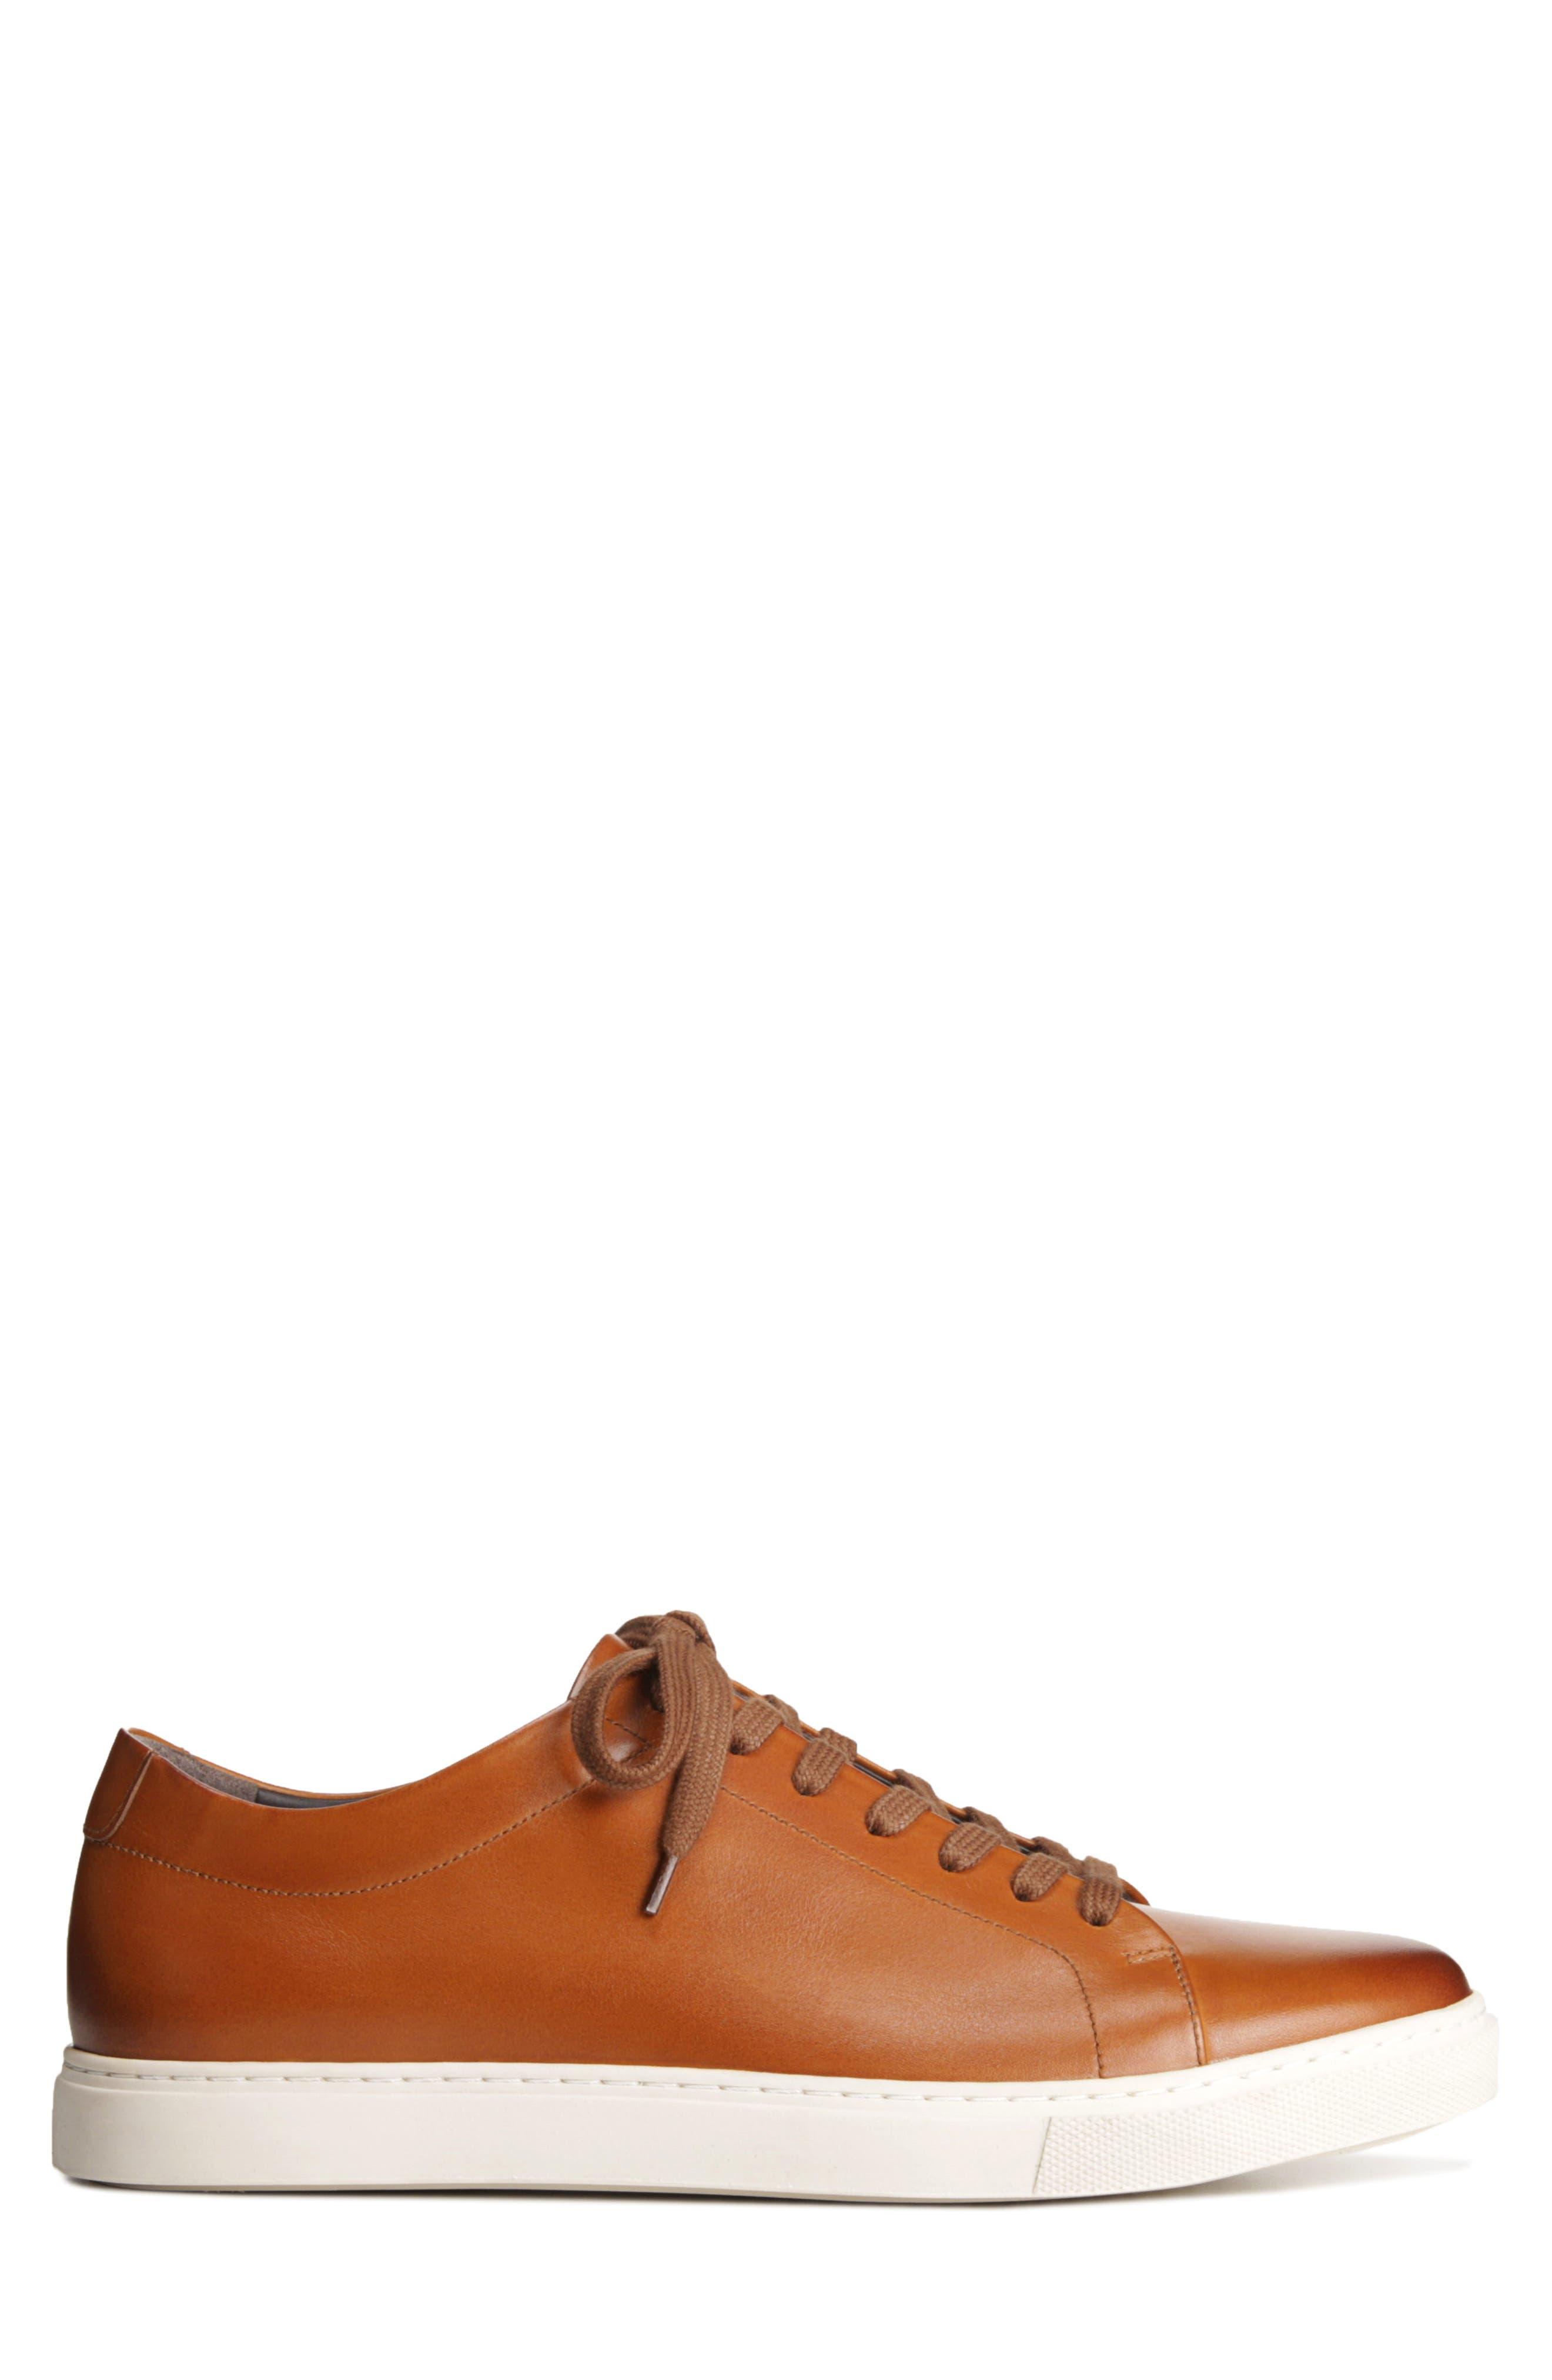 ALLEN EDMONDS, Canal Court Sneaker, Alternate thumbnail 3, color, 212